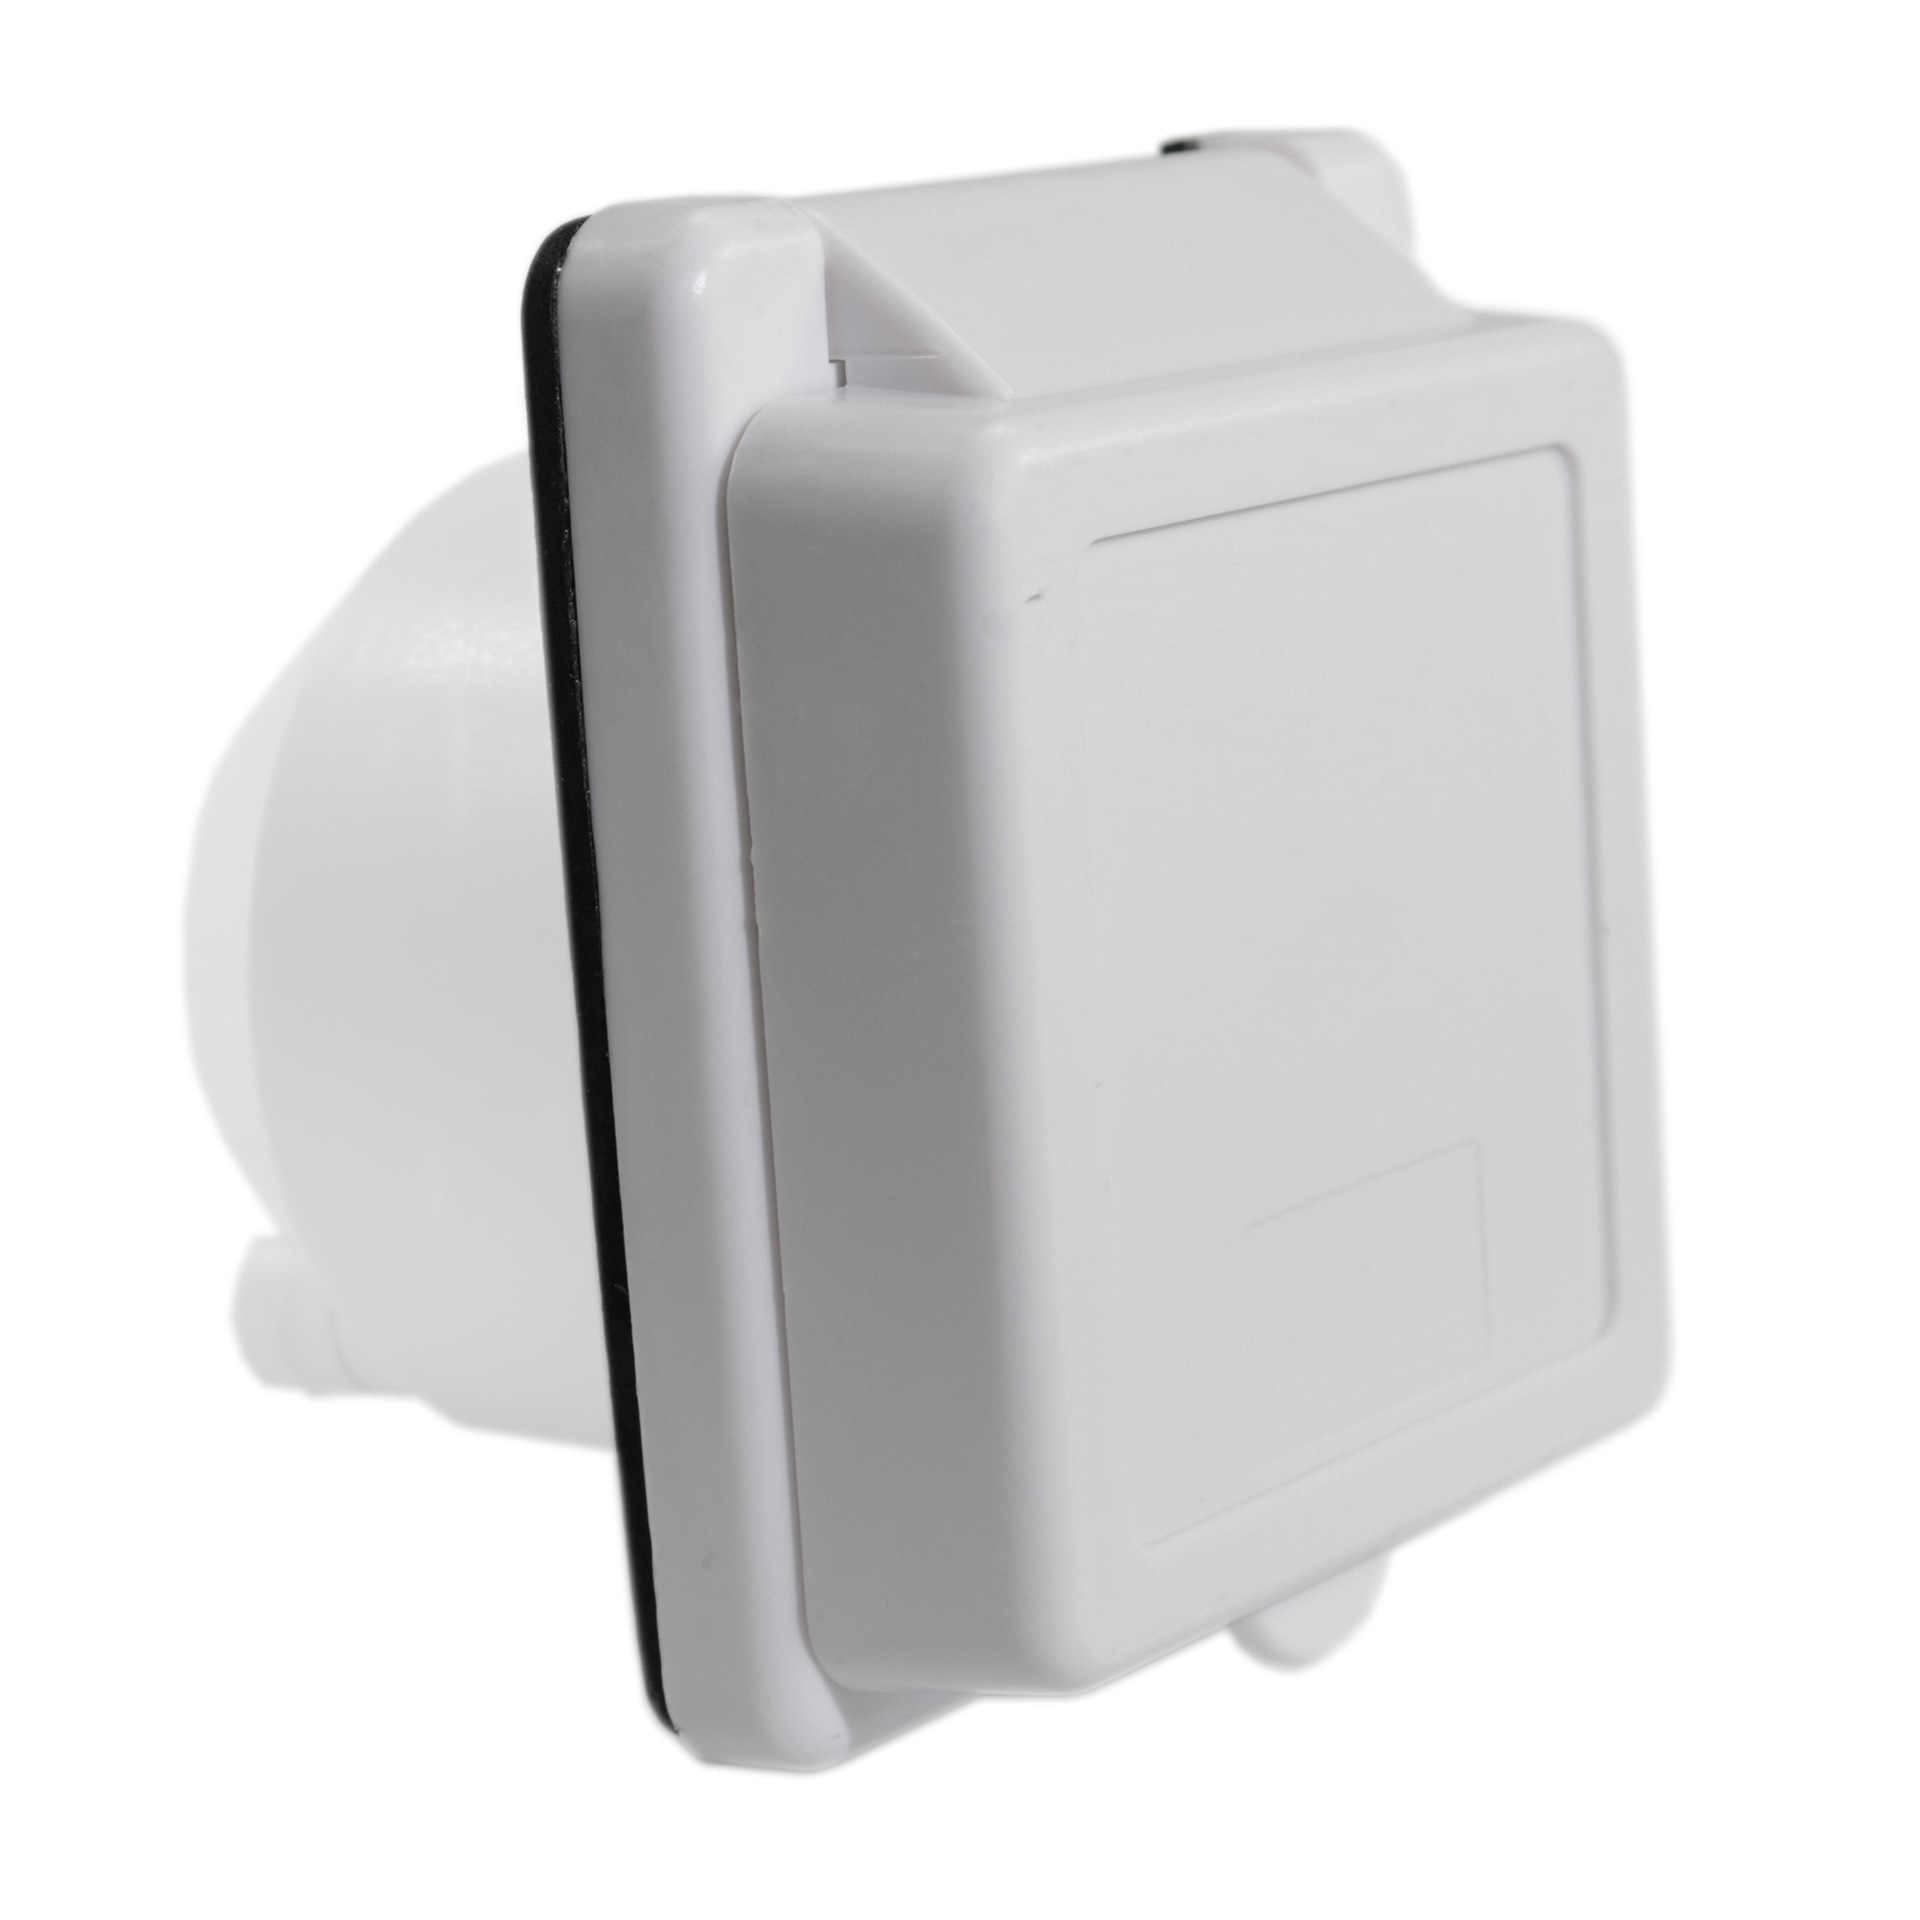 Kemping Mobil Motor Perlengkapan Tahan Air RV Perahu Listrik 30A 3 Pin Torsi Kunci Caravan Koneksi Soket Plug